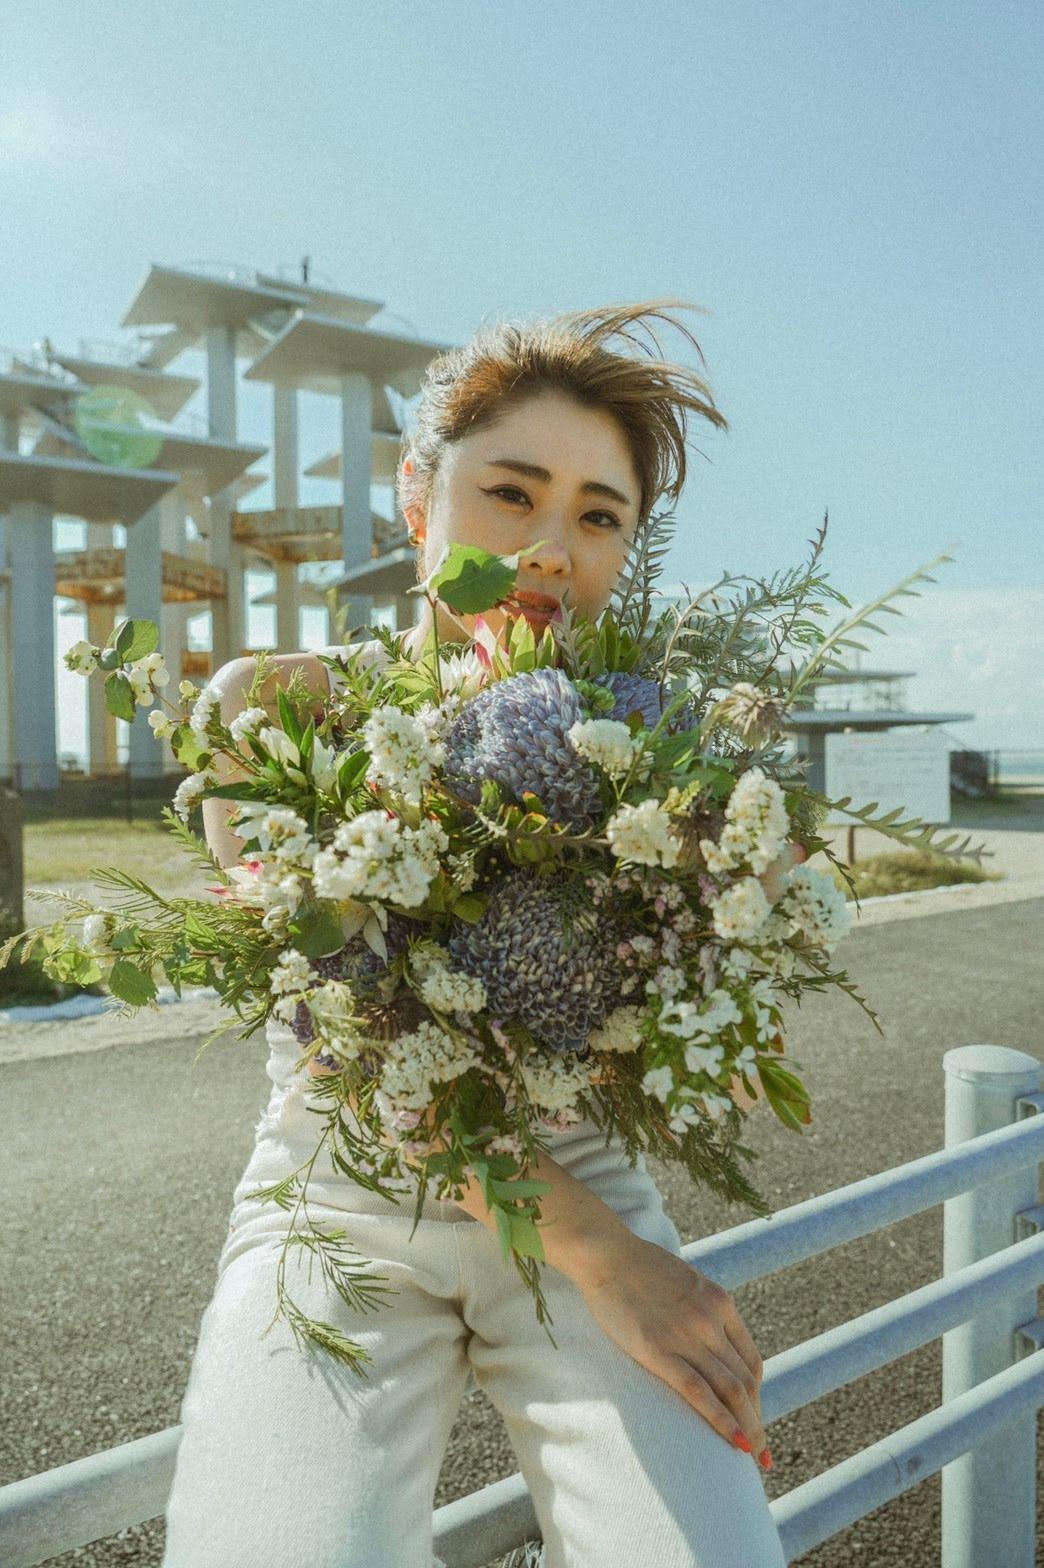 Dancerと花がコラボレーション。個性を生かし花もダンサーも輝くその写真とは?